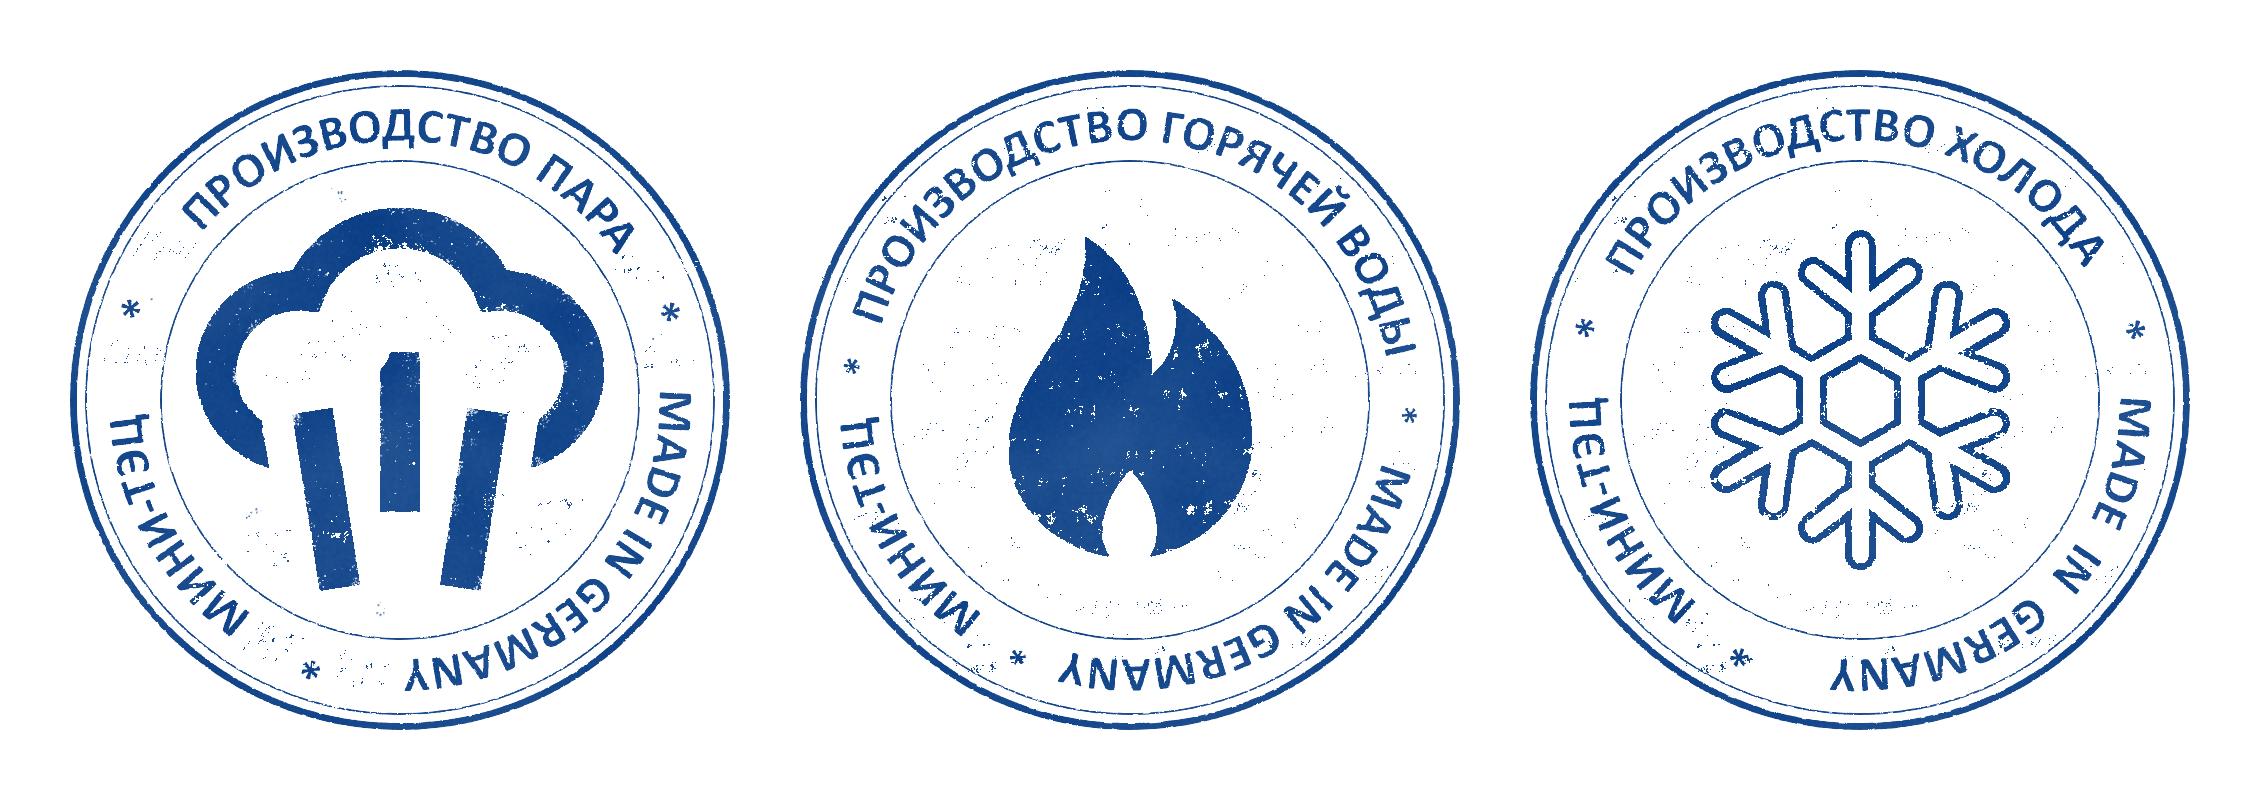 Варианты утилизации газопоршневой электростанции MTU 20V4000L64FNER